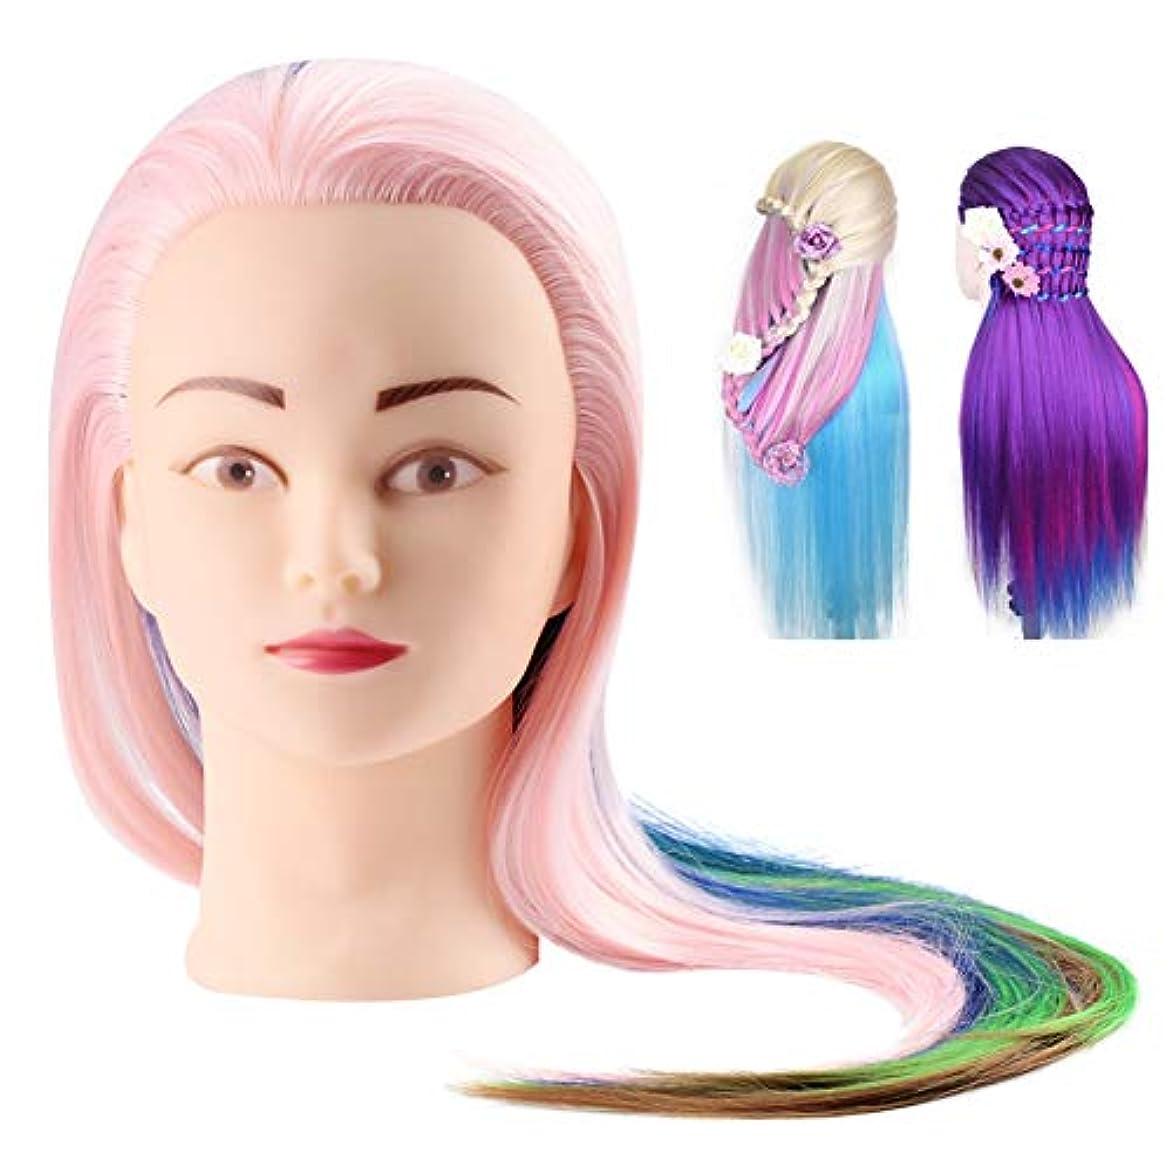 発表するインストラクターアラブサラボプロの理髪ヘッド、化粧品実用的なマネキン人形人工毛、人工毛理髪トレーニングヘッドエクササイズマネキン